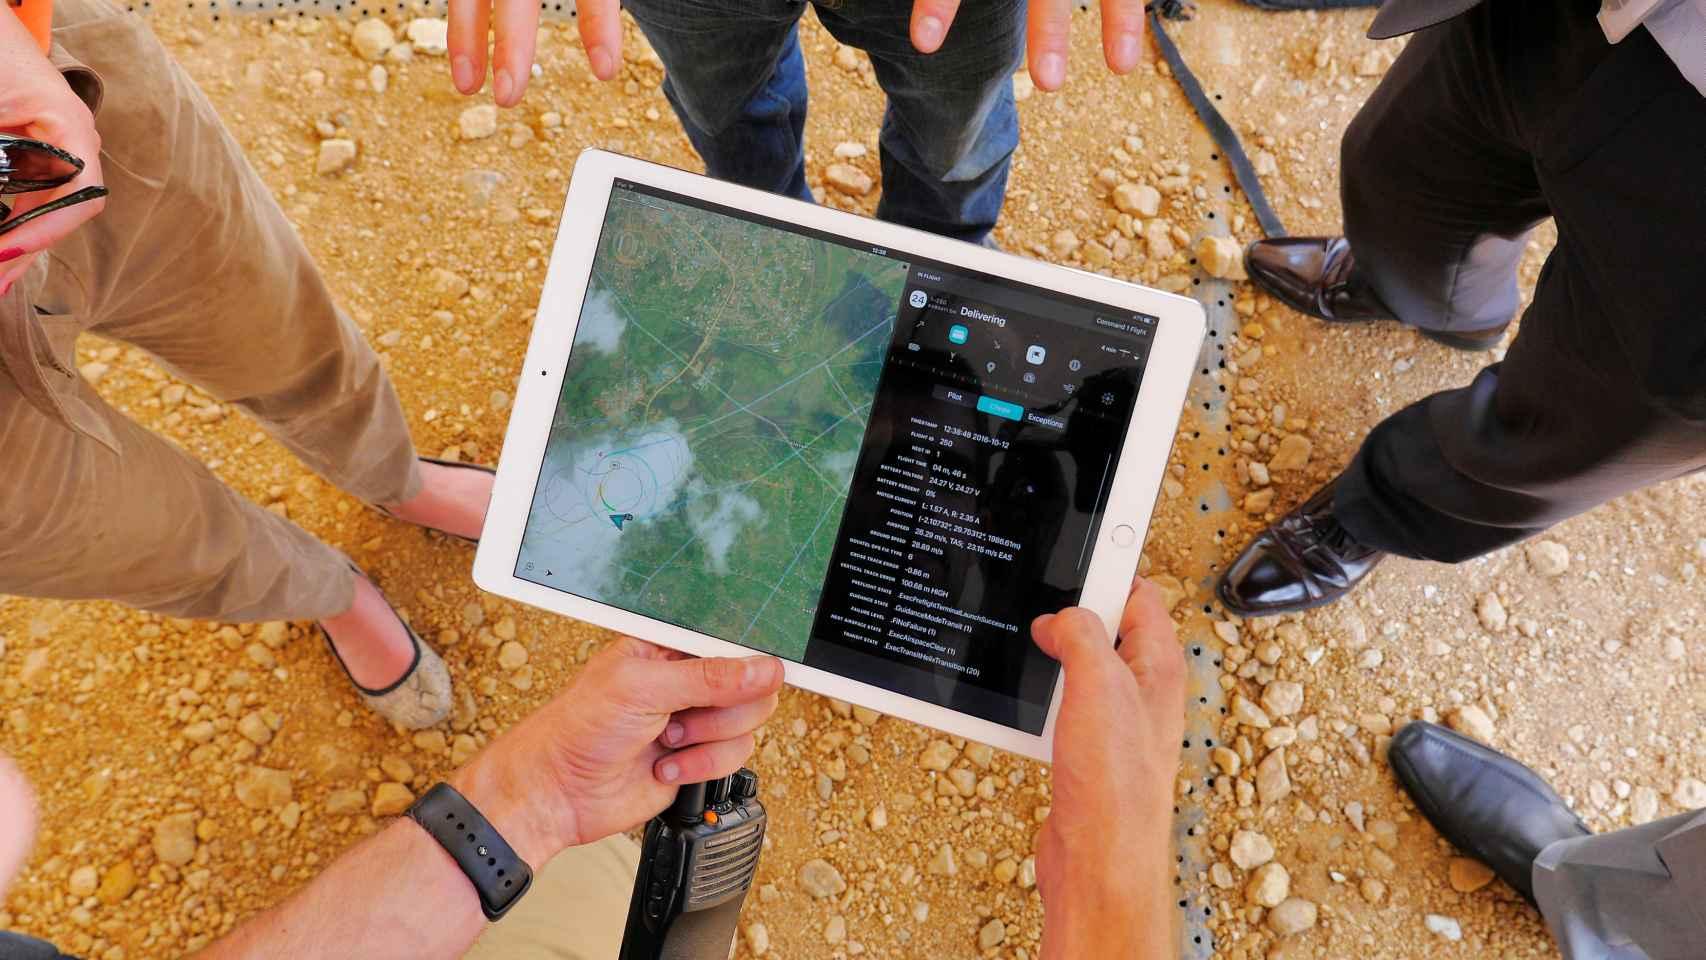 Ingenieros monitorizan en una tablet el vuelo de un dron.